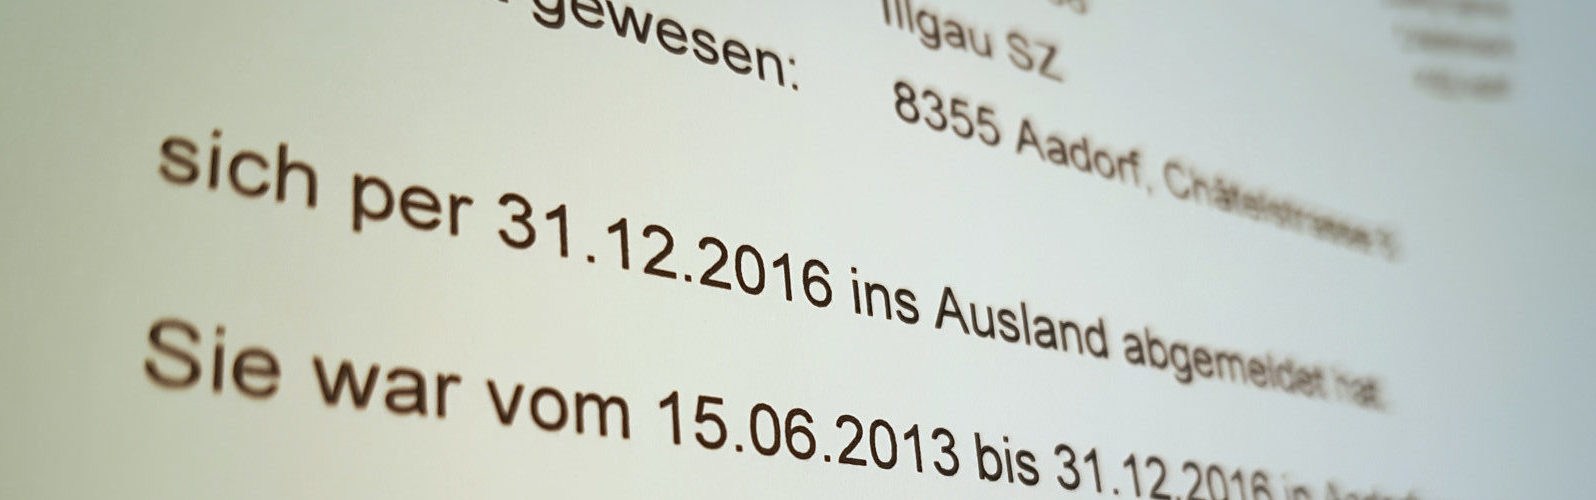 offizielles Abmeldedokument der Gemeinde ...per 31.12.2016 ins Ausland abgemolden - Reisevorbereitung